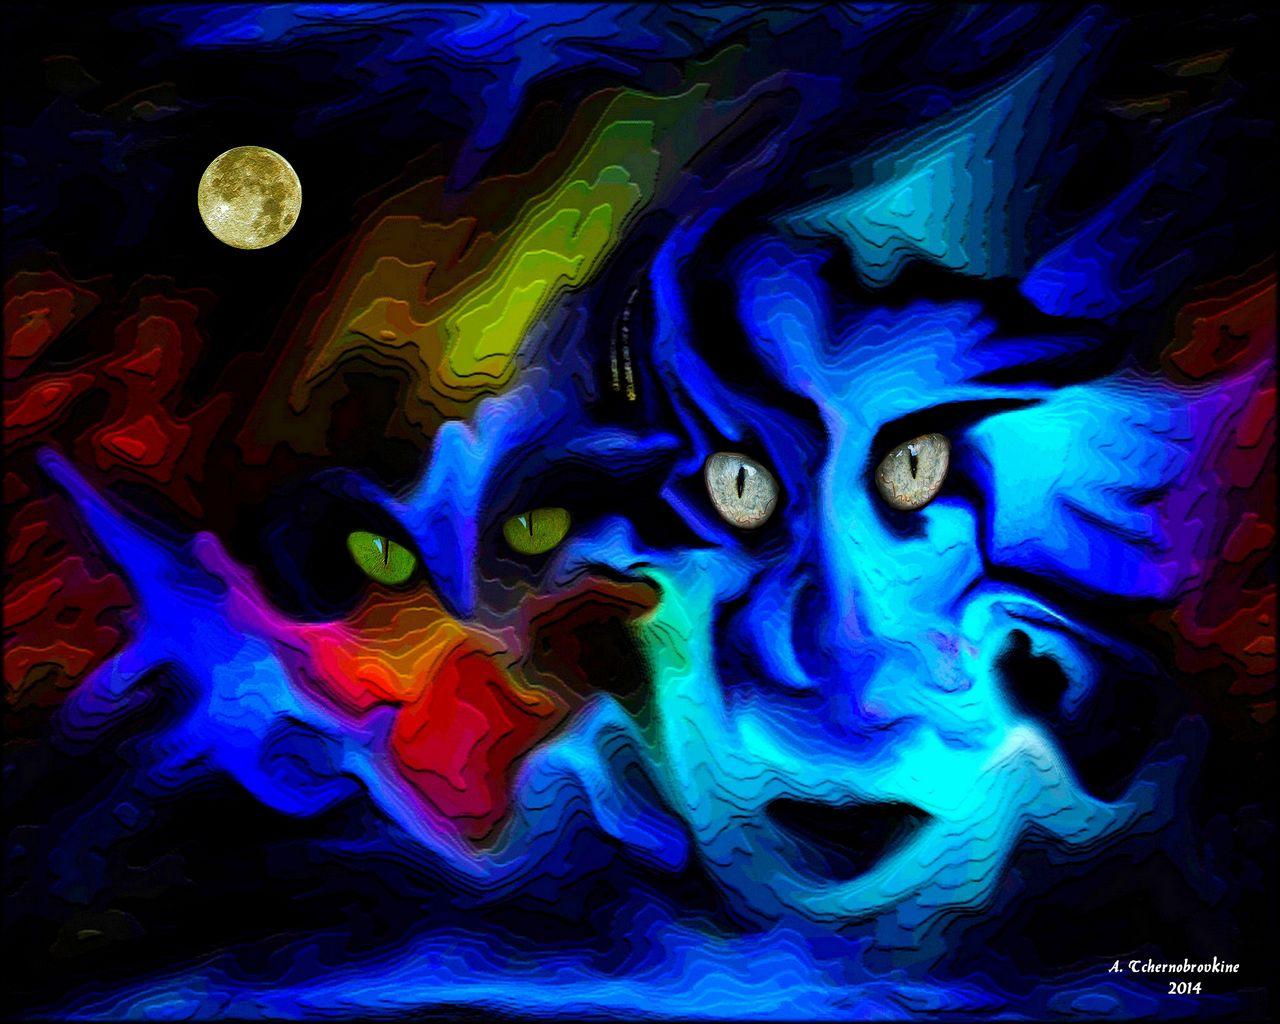 TCHERNOBROVKINE Alexandre Les masques de la pleine lune